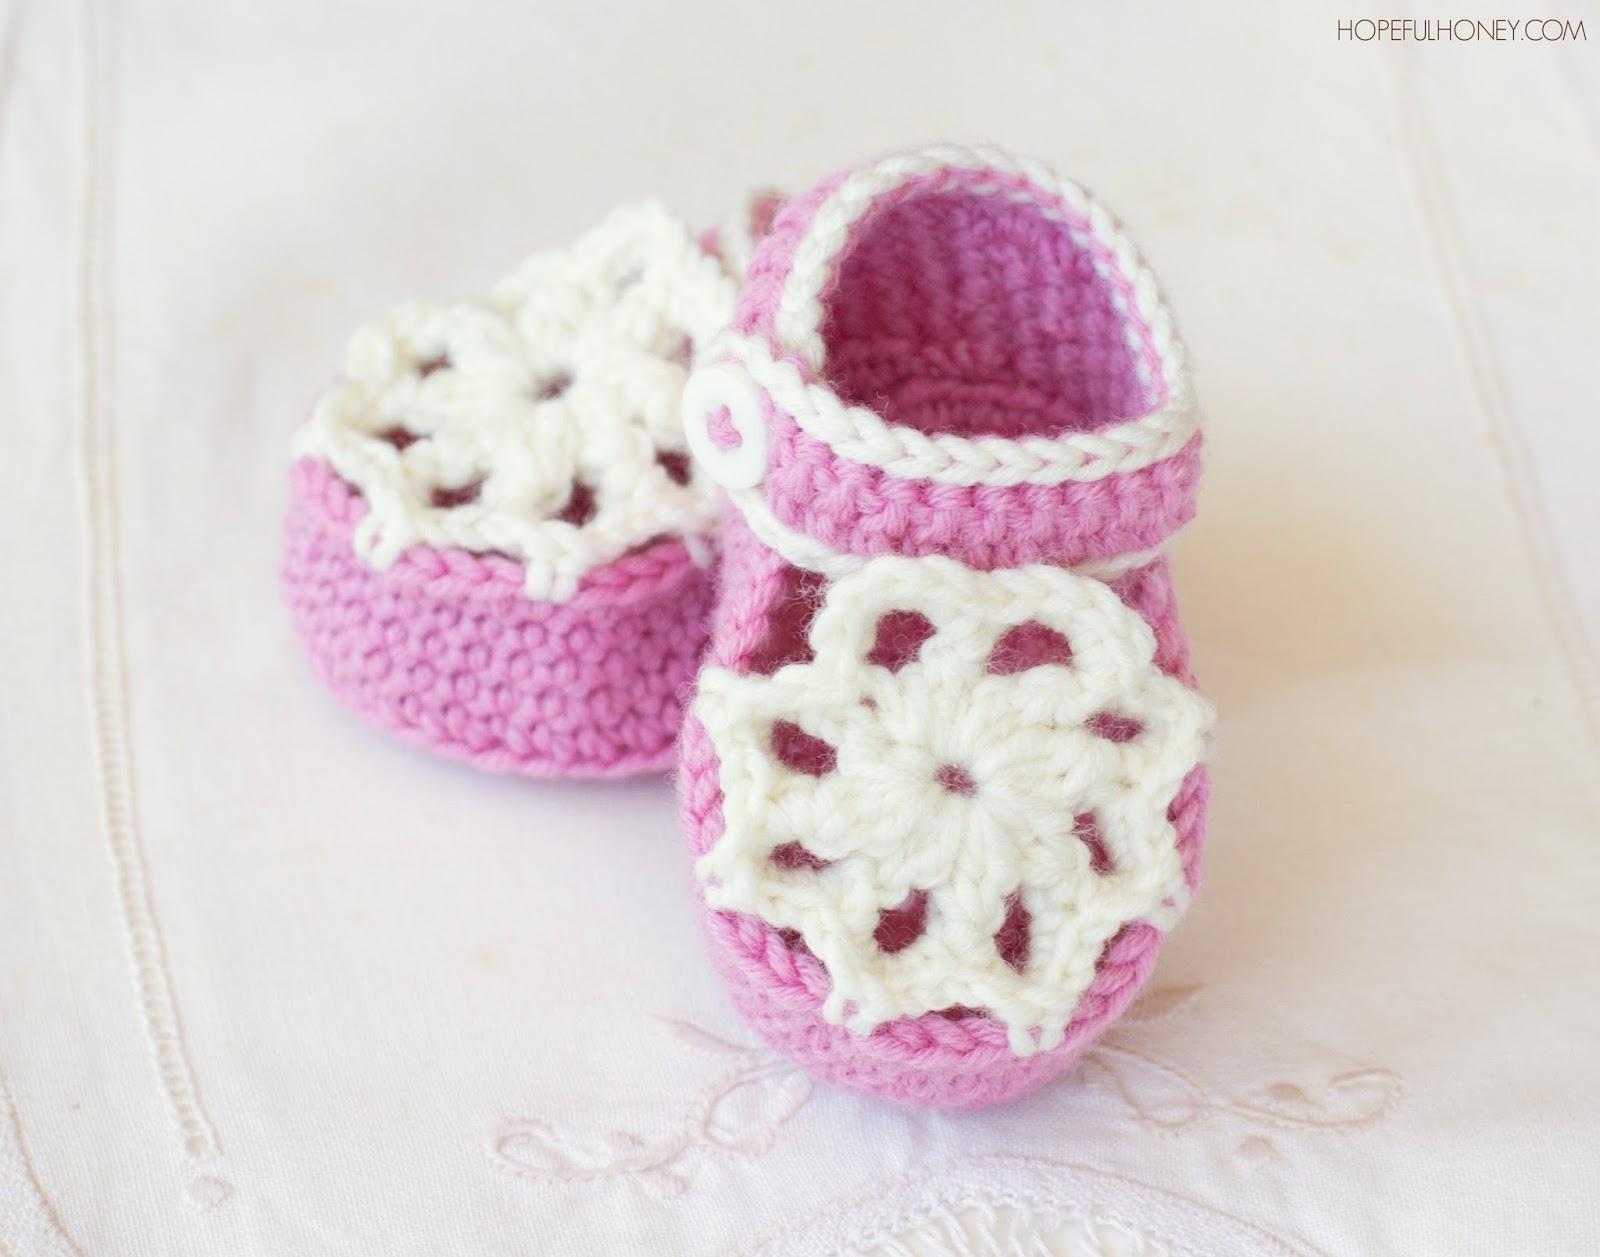 Free Swirl Heart Crochet Pattern : Hopeful Honey Craft, Crochet, Create: Ice Cream Swirl ...